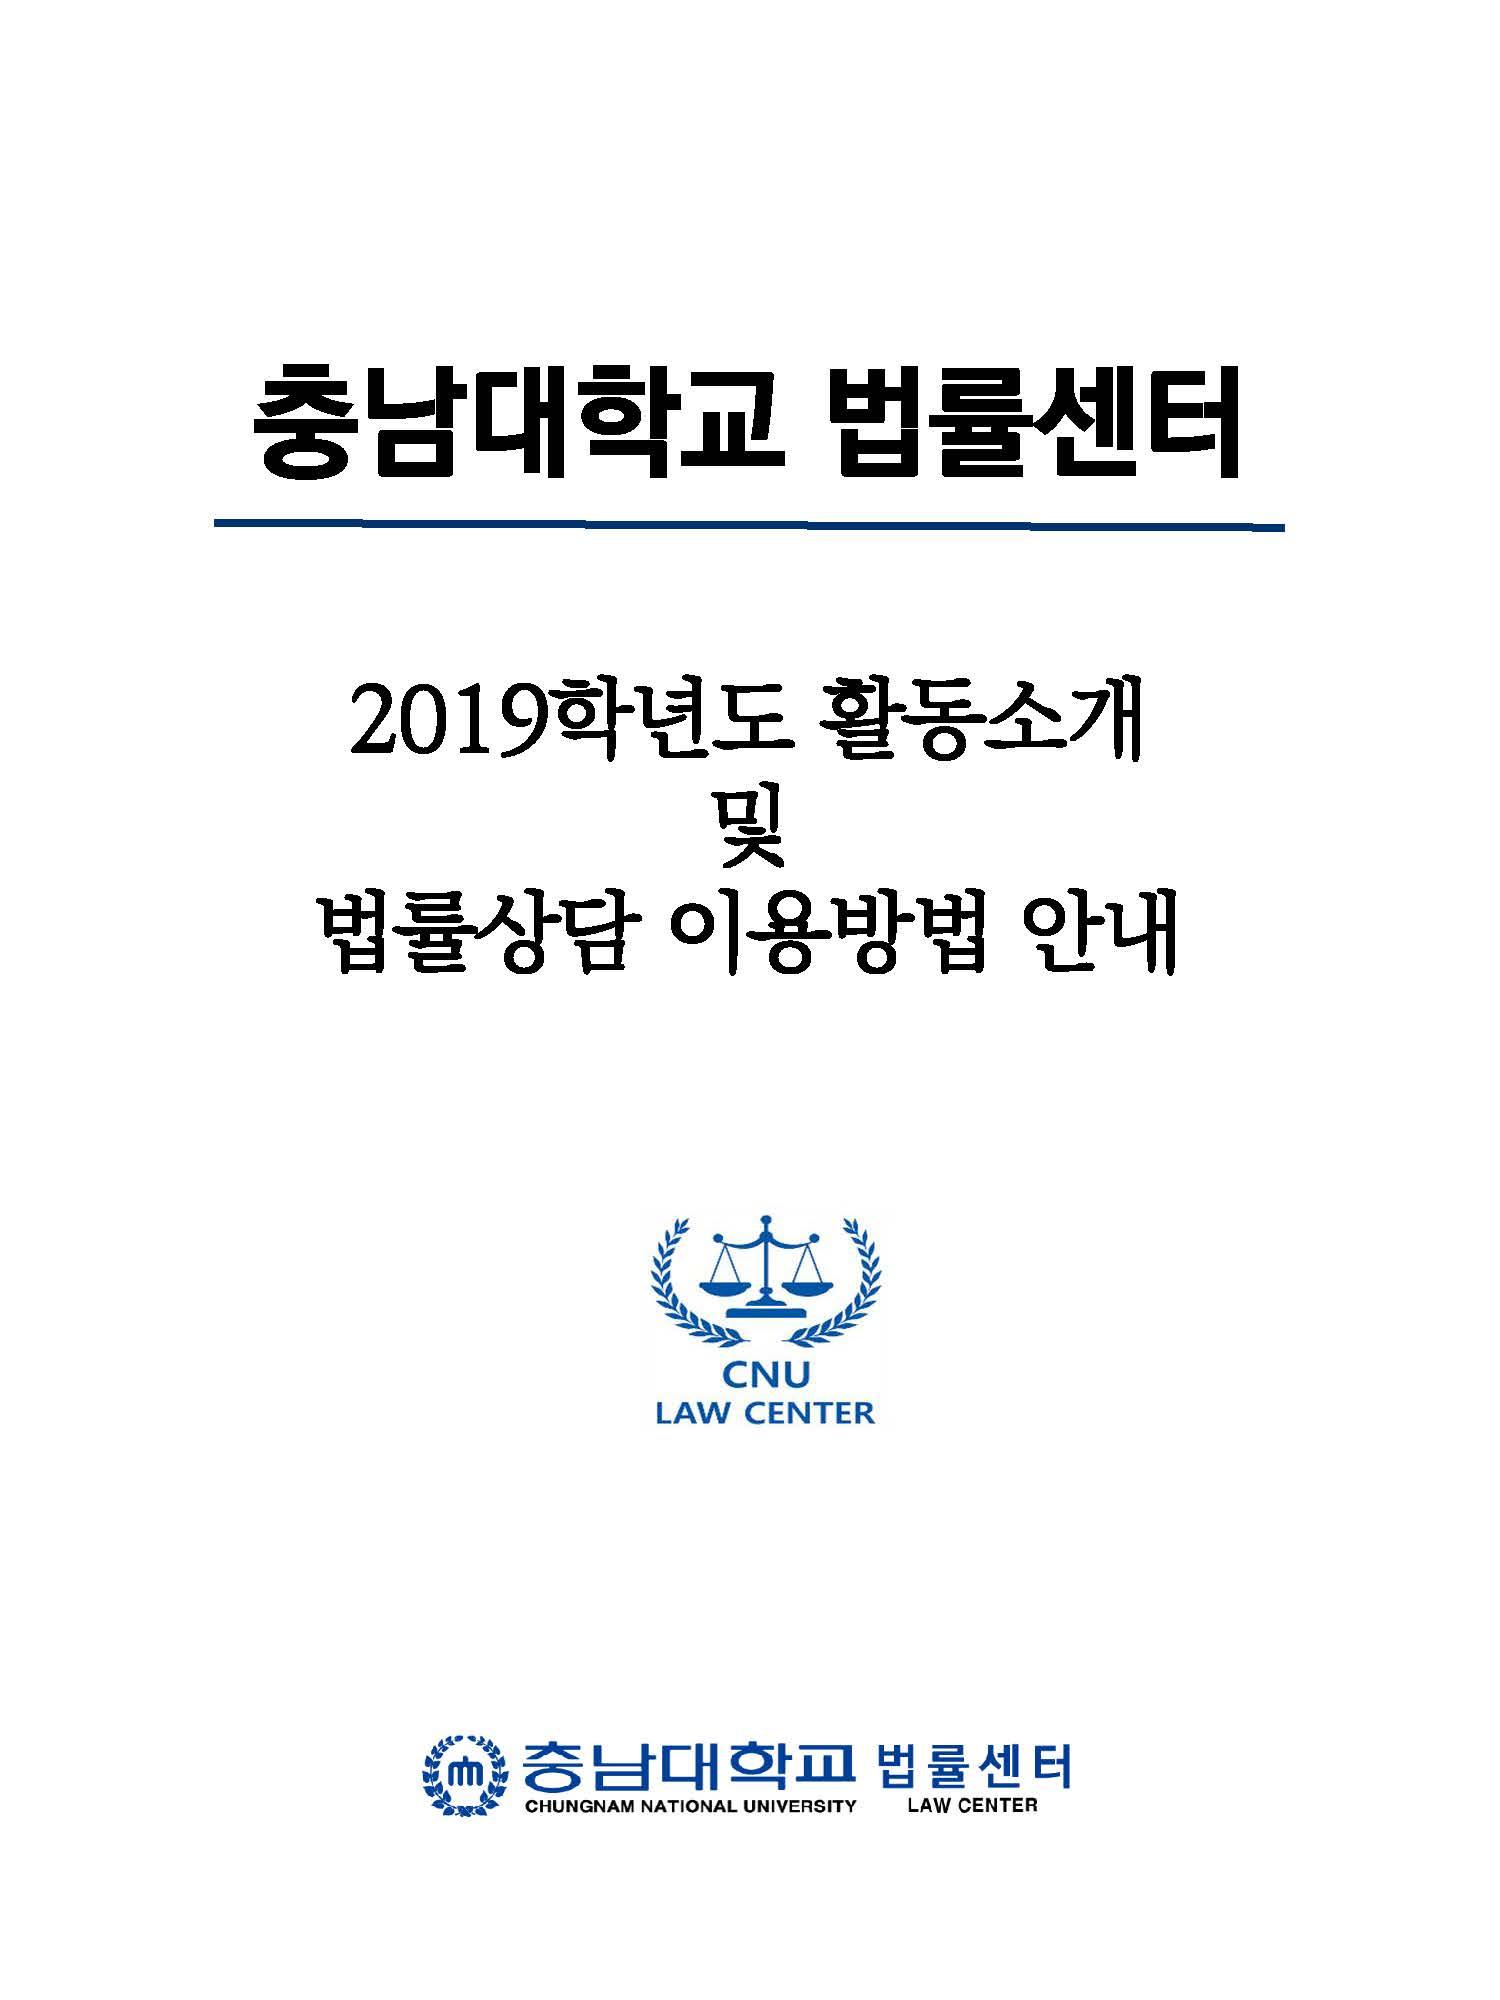 충남대학교 법률센터 홍보자료_페이지_01.jpg